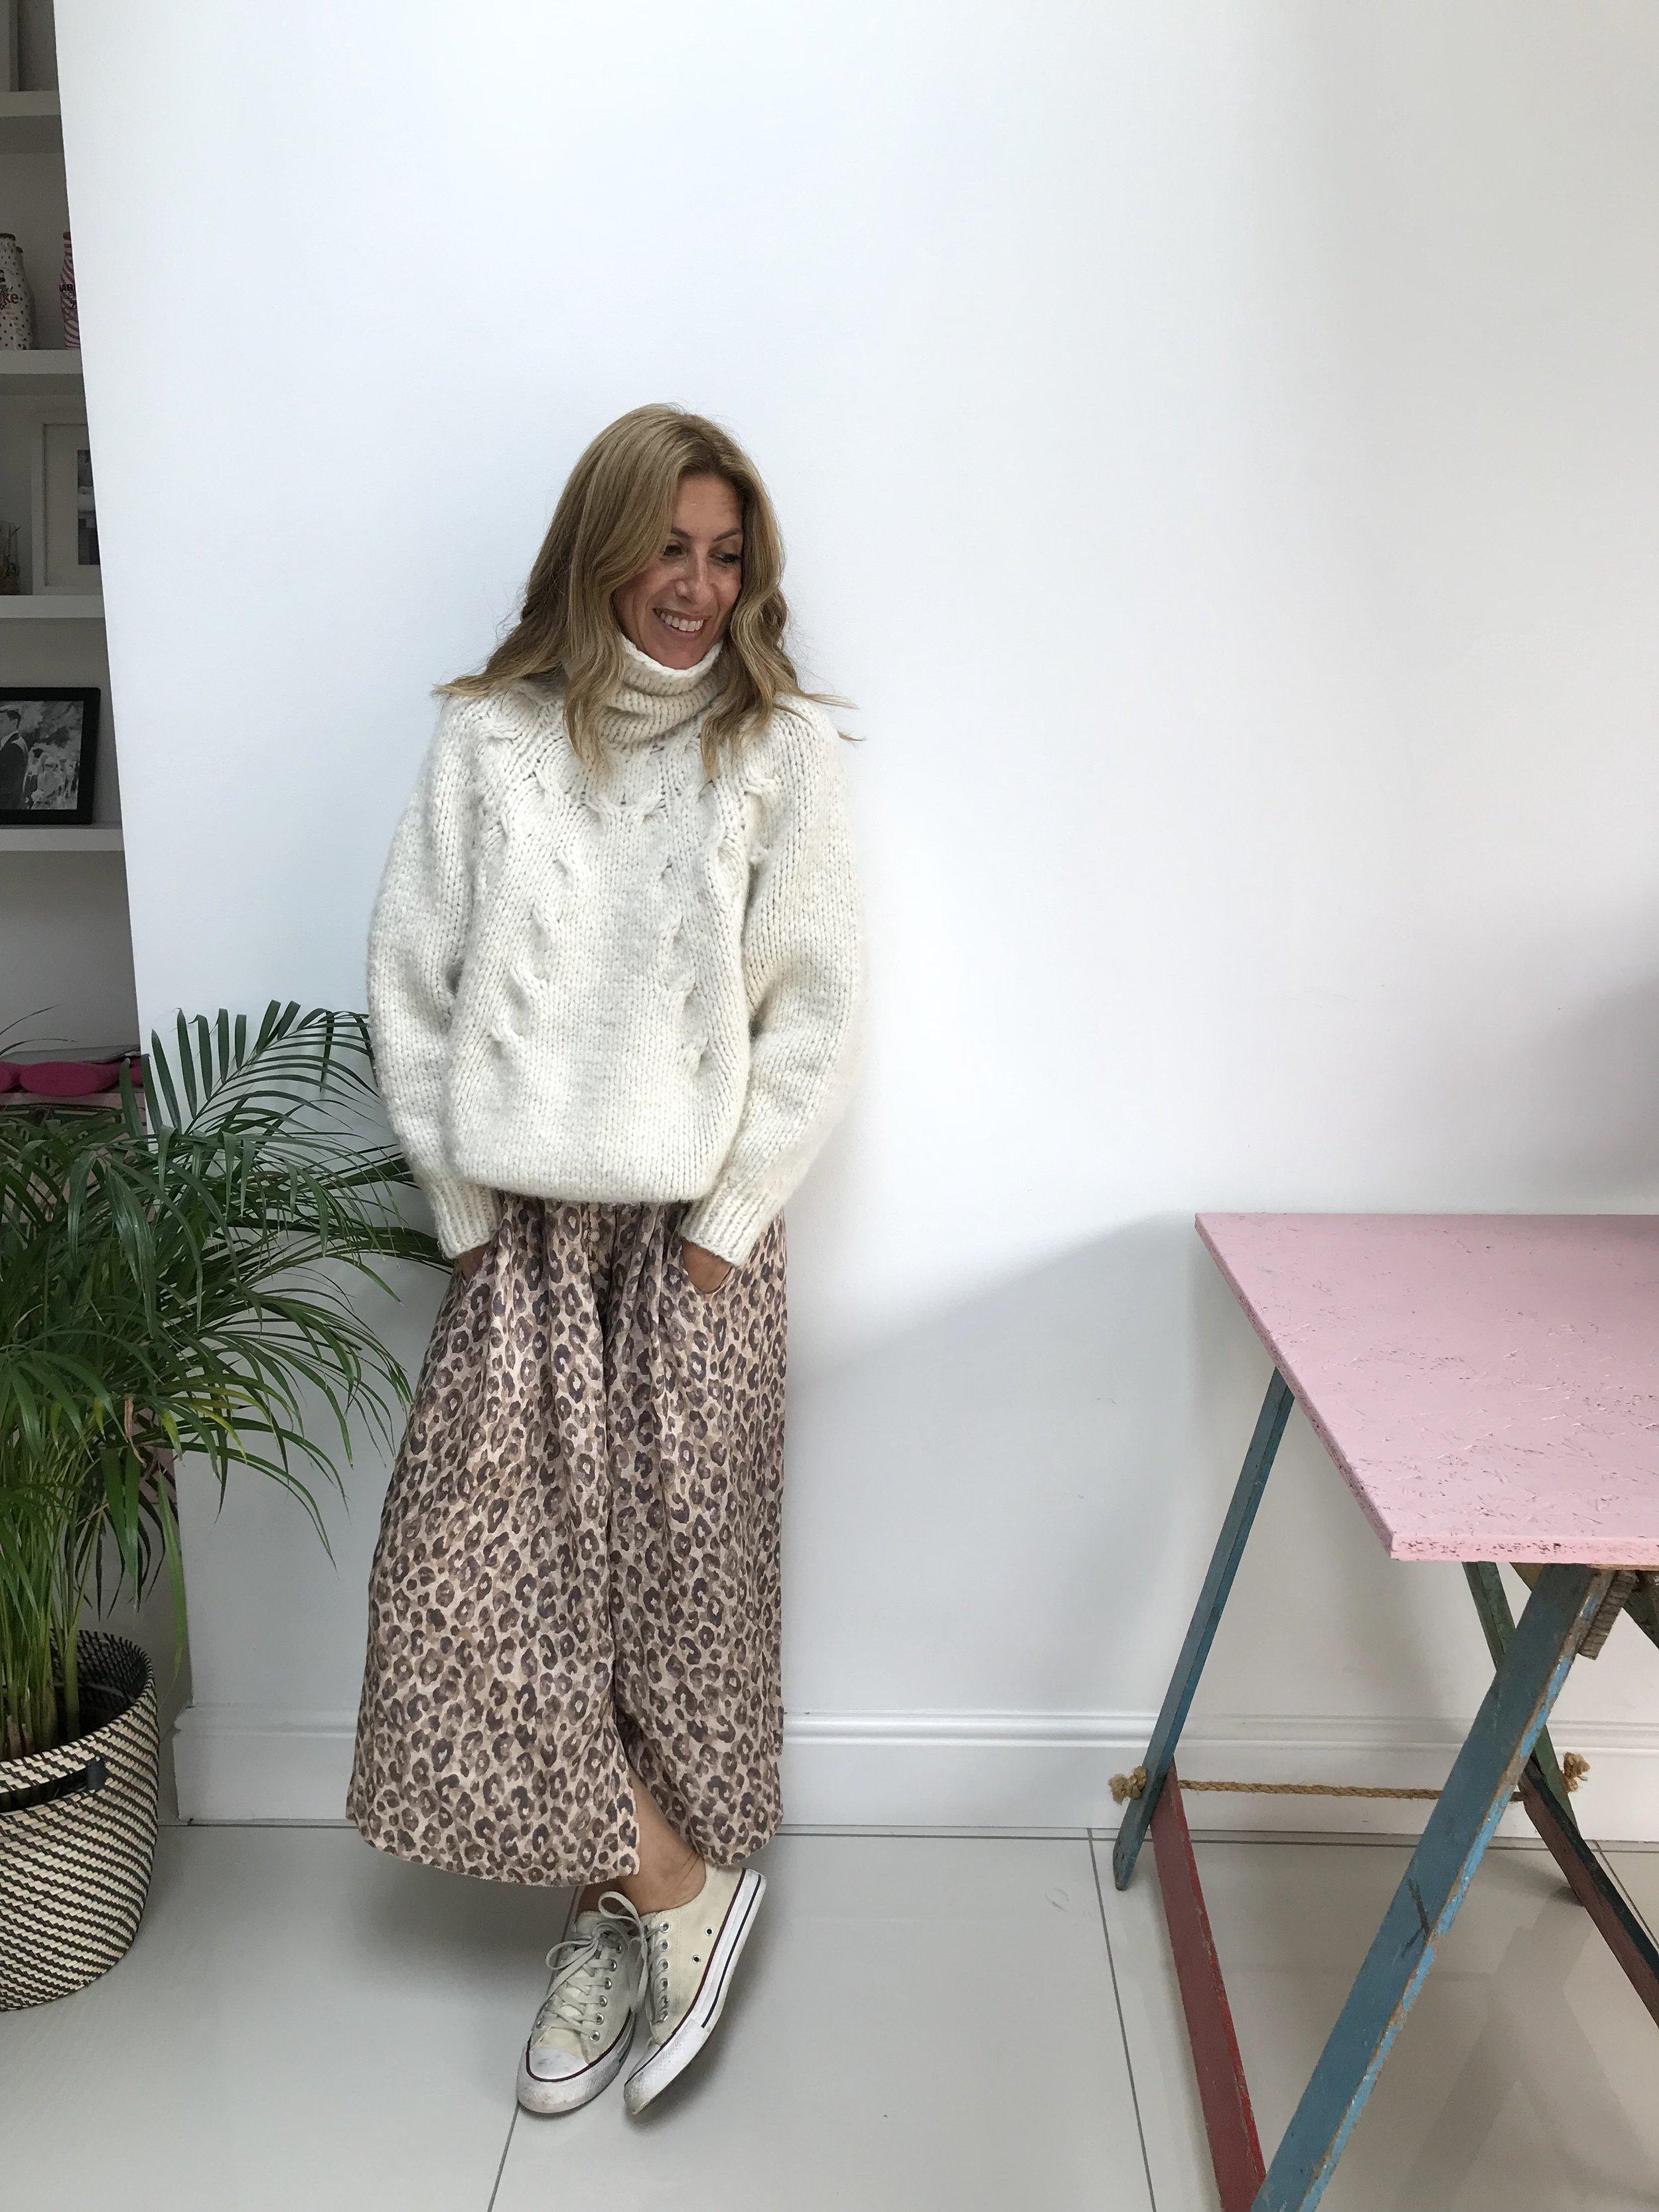 Jumper (old sale purchase): Oscar De La Renta  Zara (similar style) Dress:  Zimmermann  Trainers:  Converse